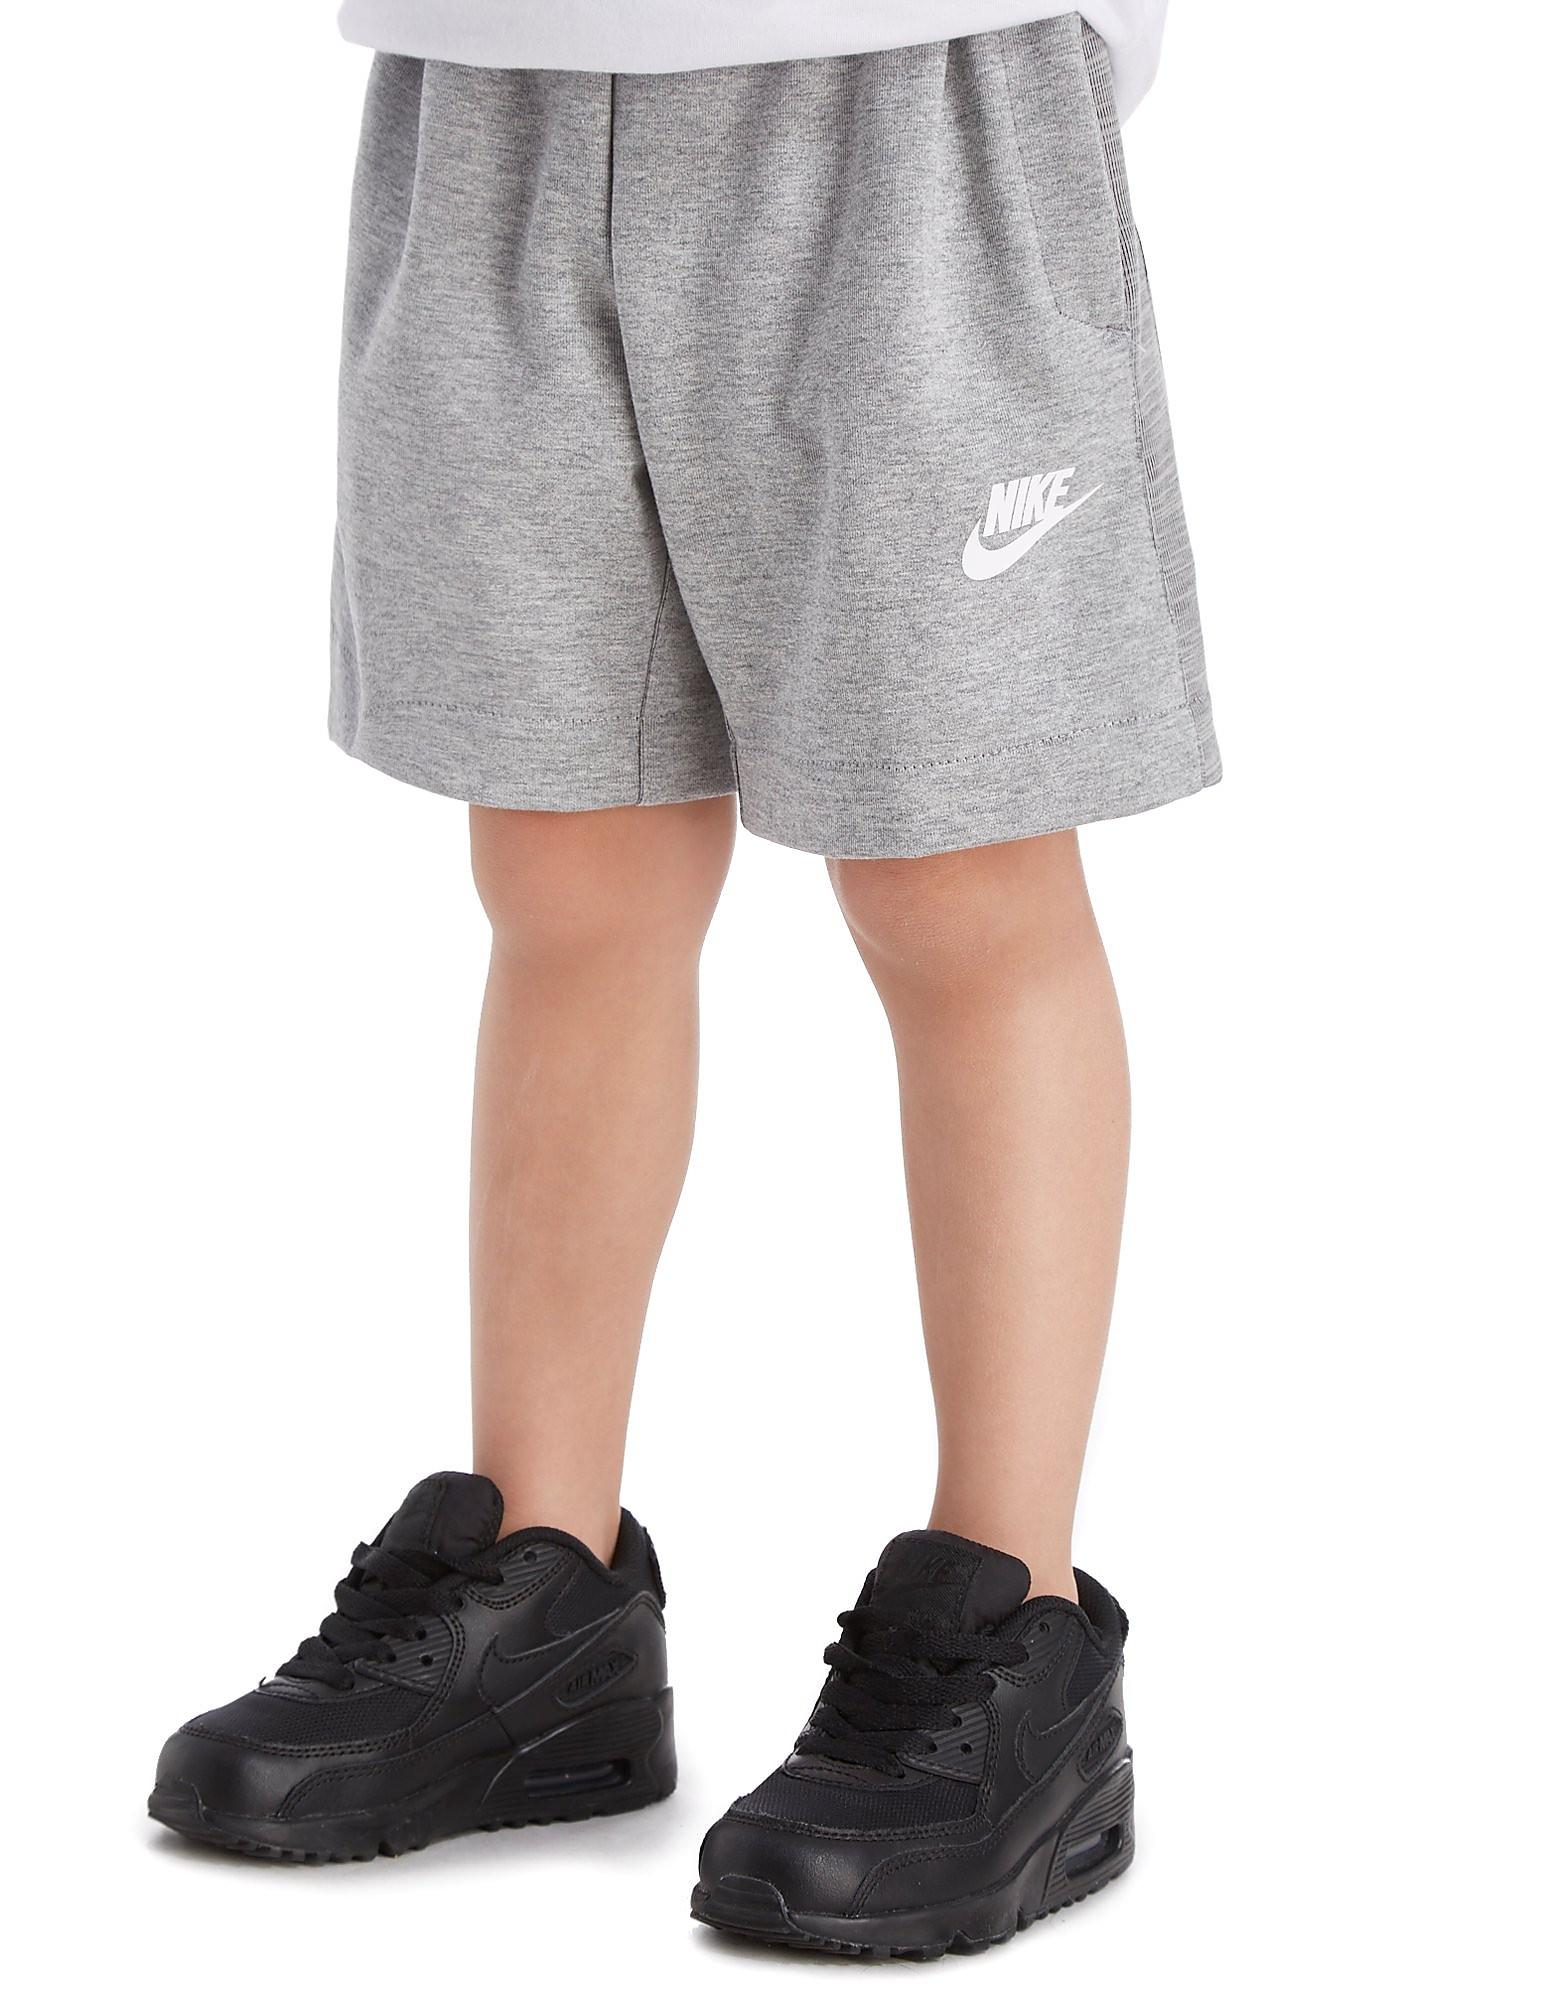 Nike Advance Shorts Children